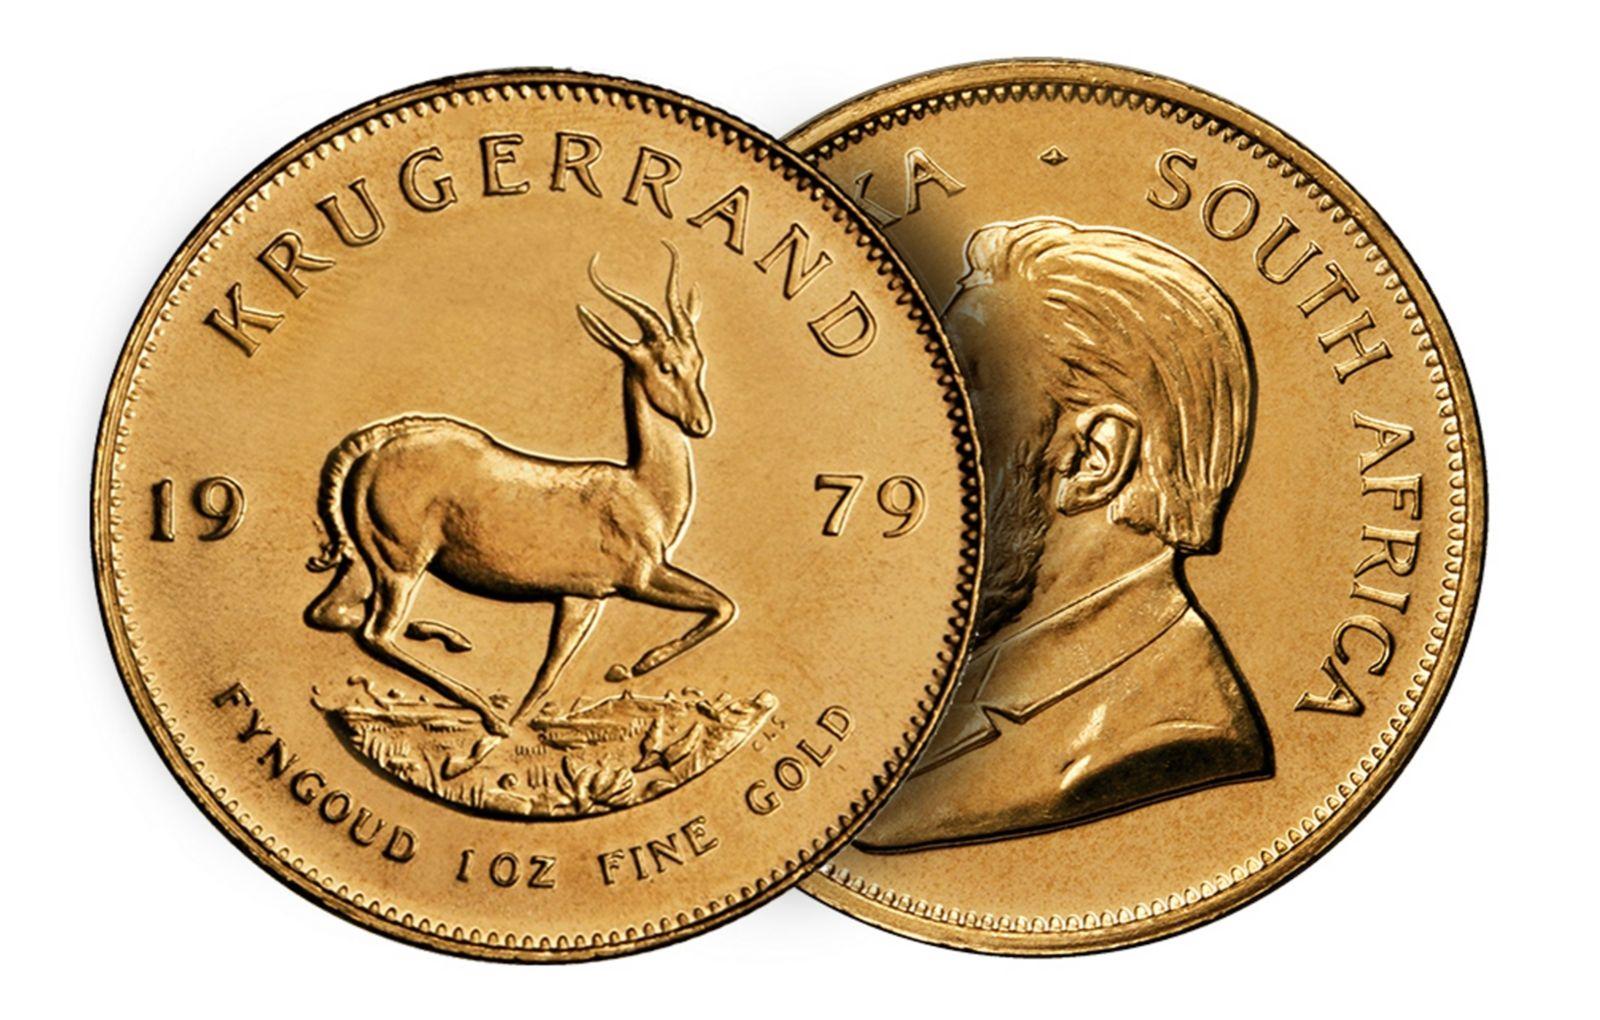 Νοτιοαφρικάνικα Χρυσά Νομίσματα: Ποια είναι η Αξία τους